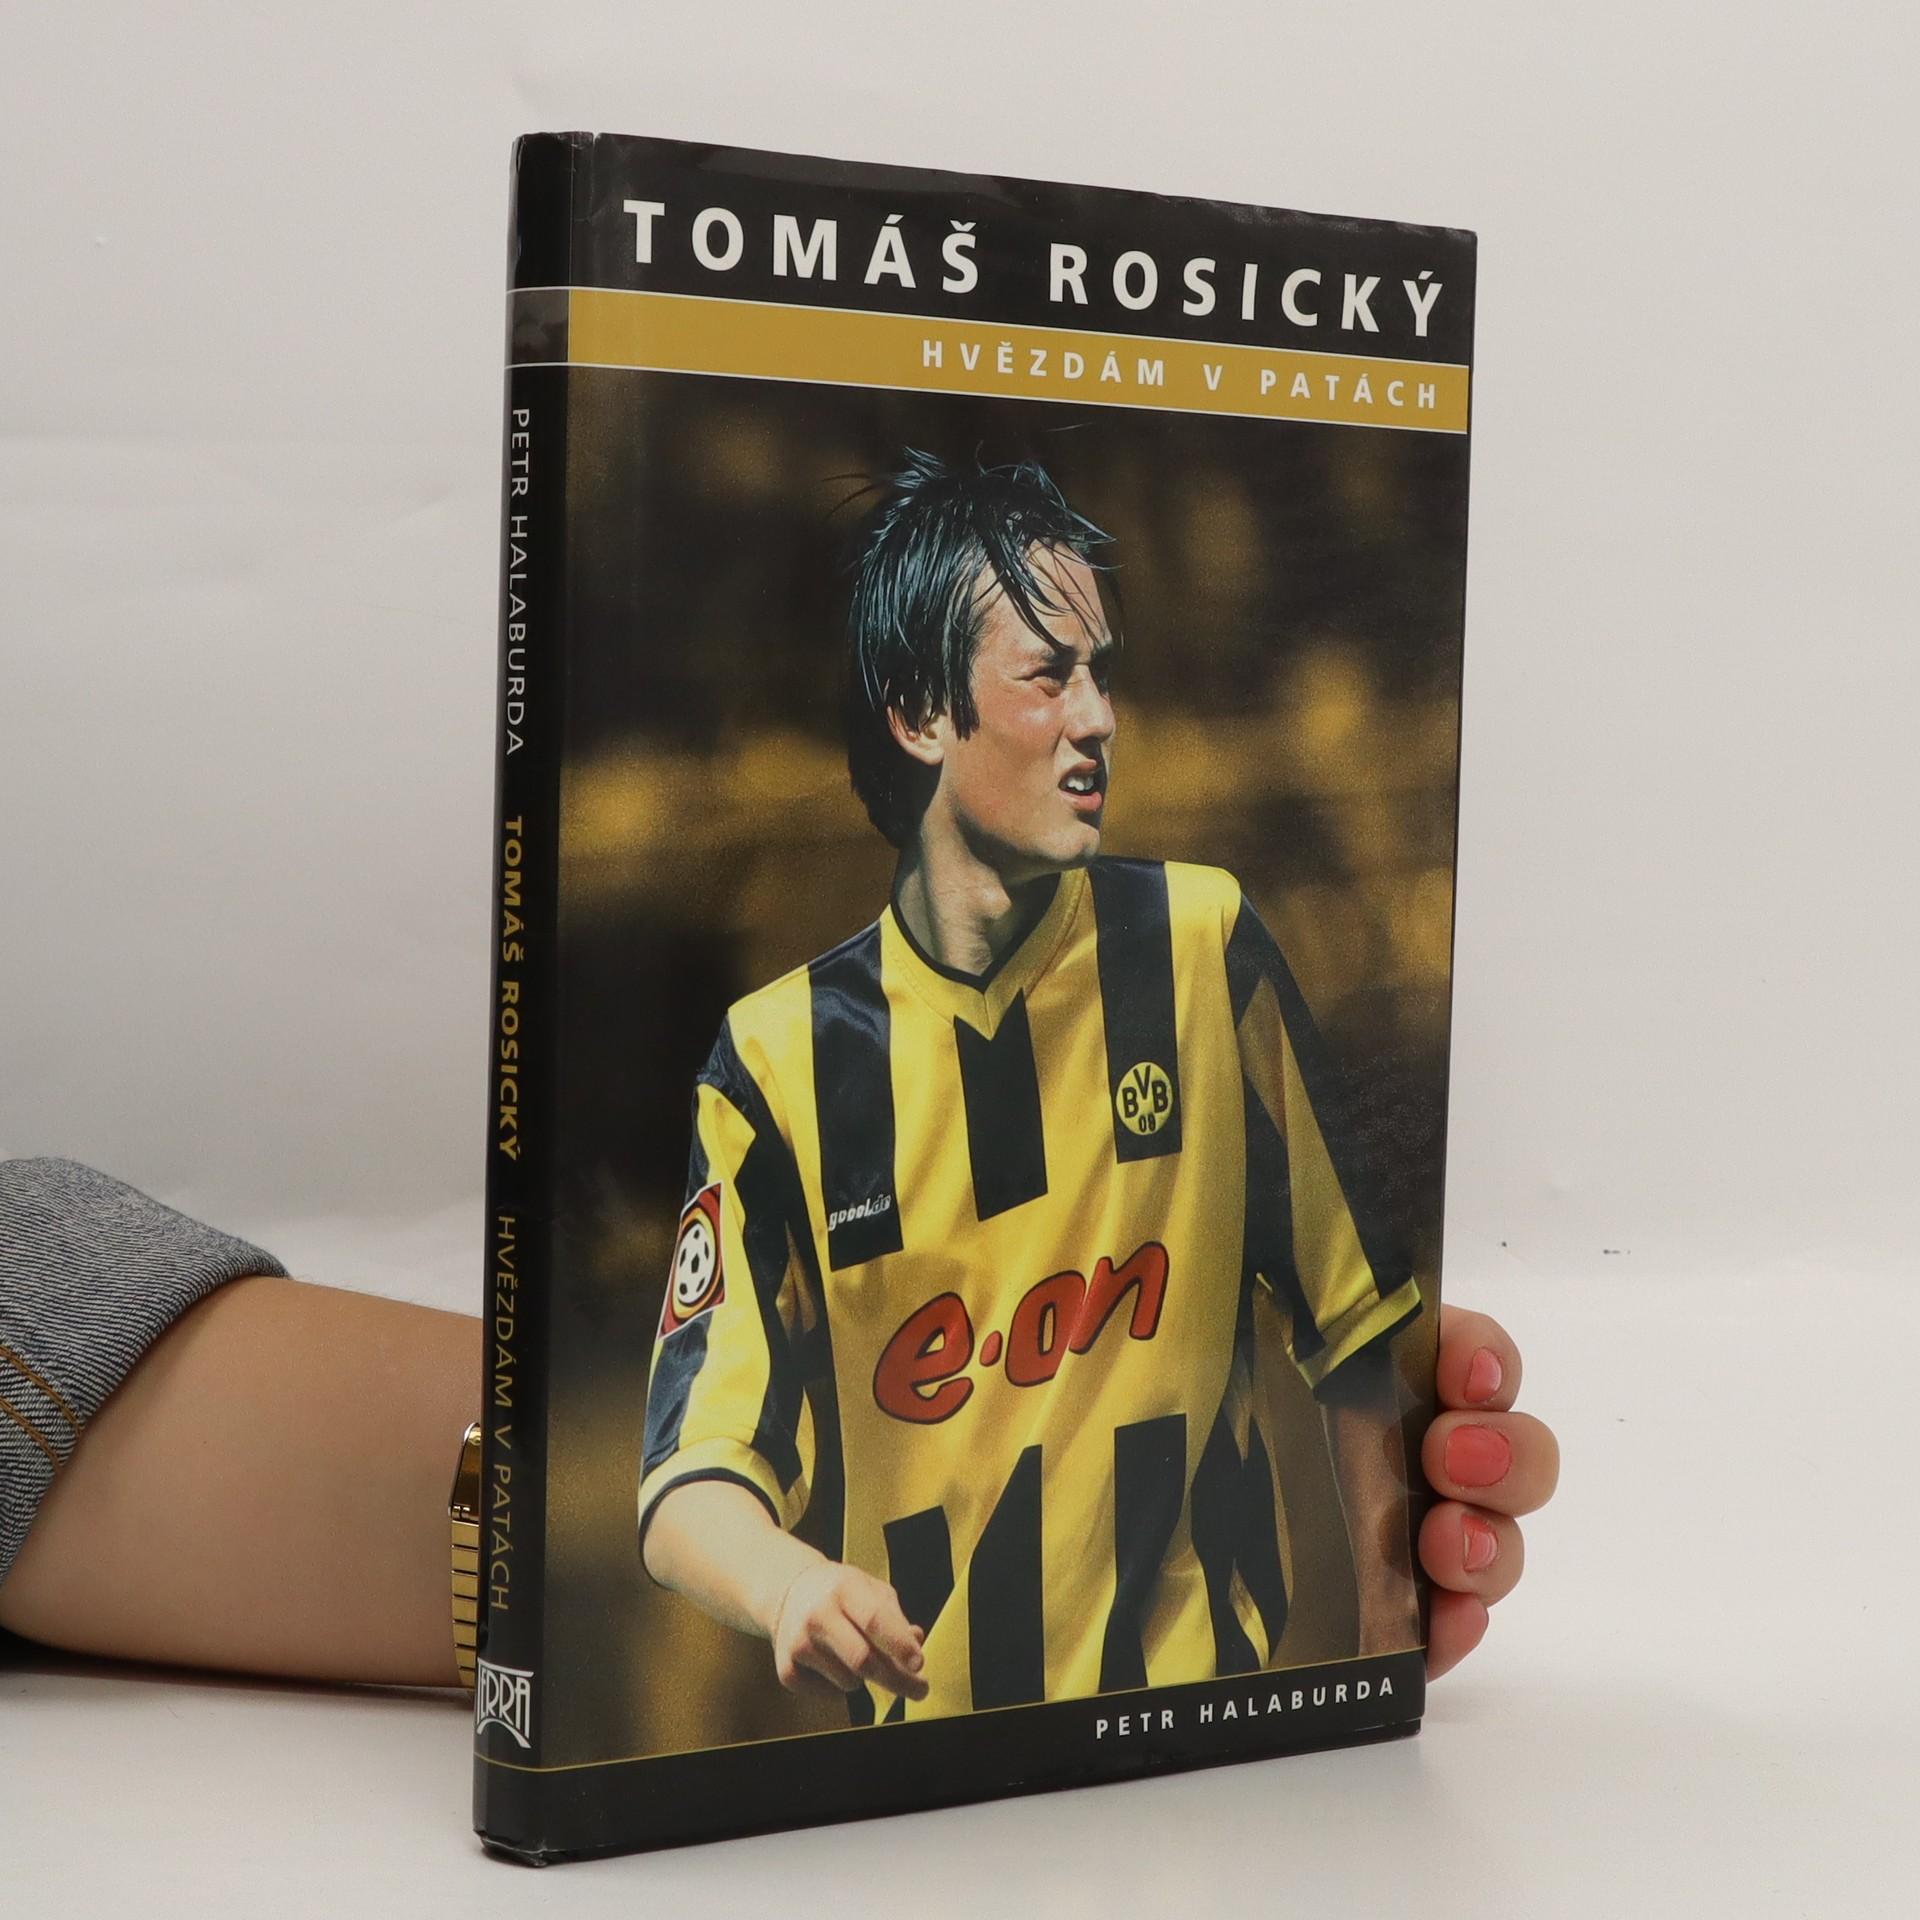 antikvární kniha Hvězdám v patách. Tomáš Rosický, 2001